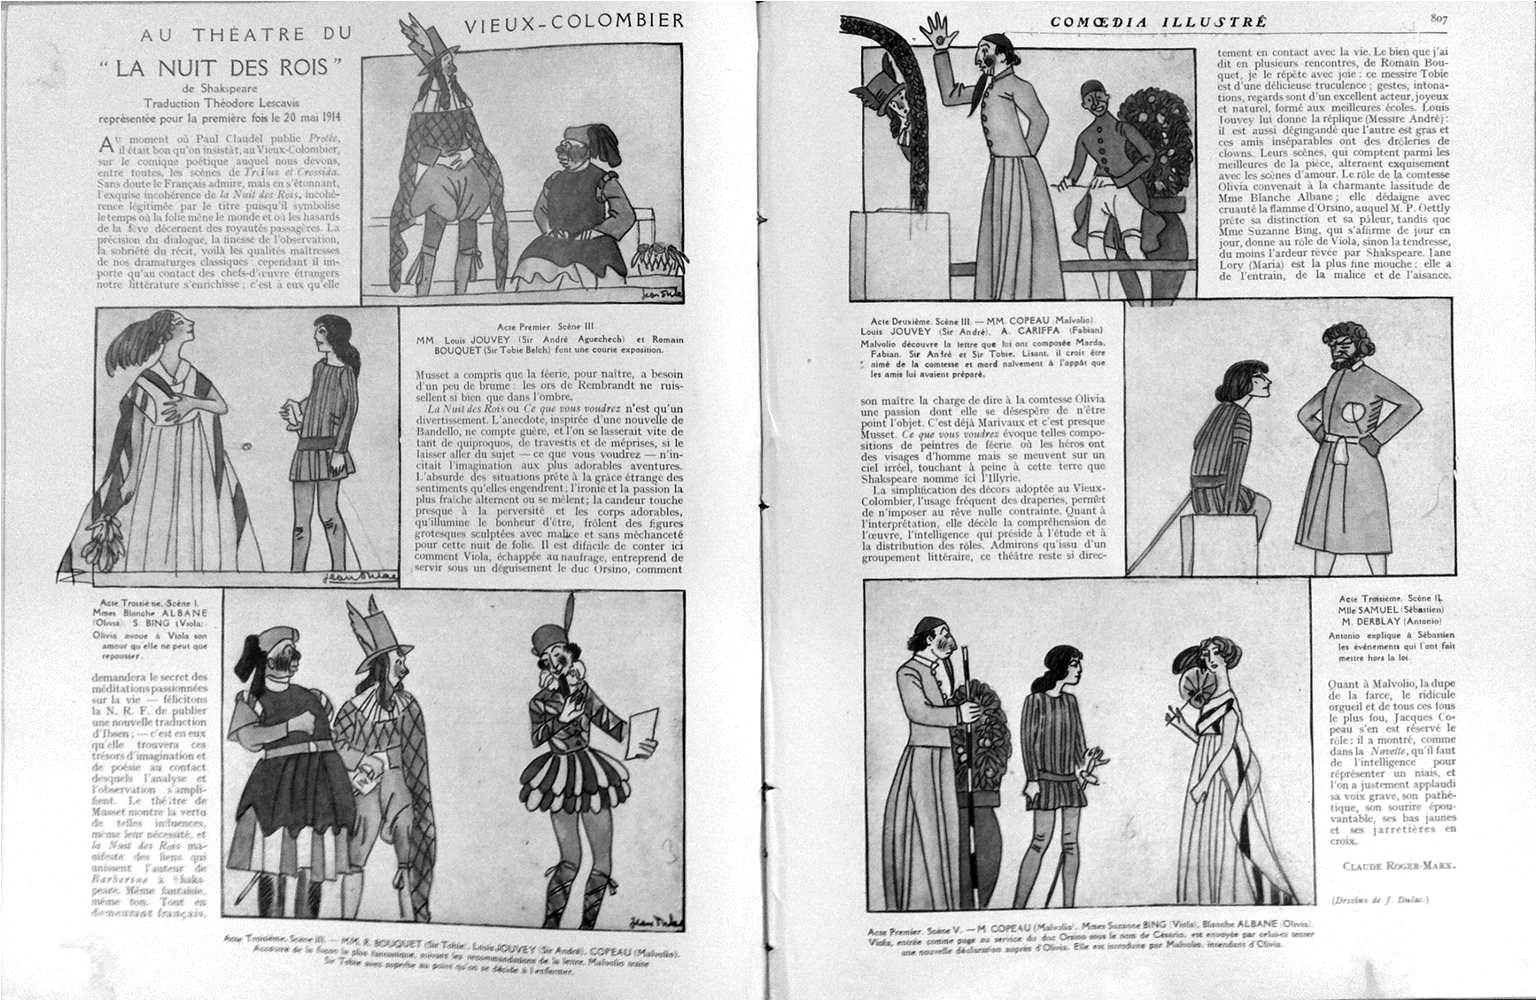 """Claude Roger-Marx, """"Au théatre du Vieux-Colombier, la nuit des rois"""", Comoedia illustré, 20 décembre 1913, 5 juin 1914, p. 806-807"""